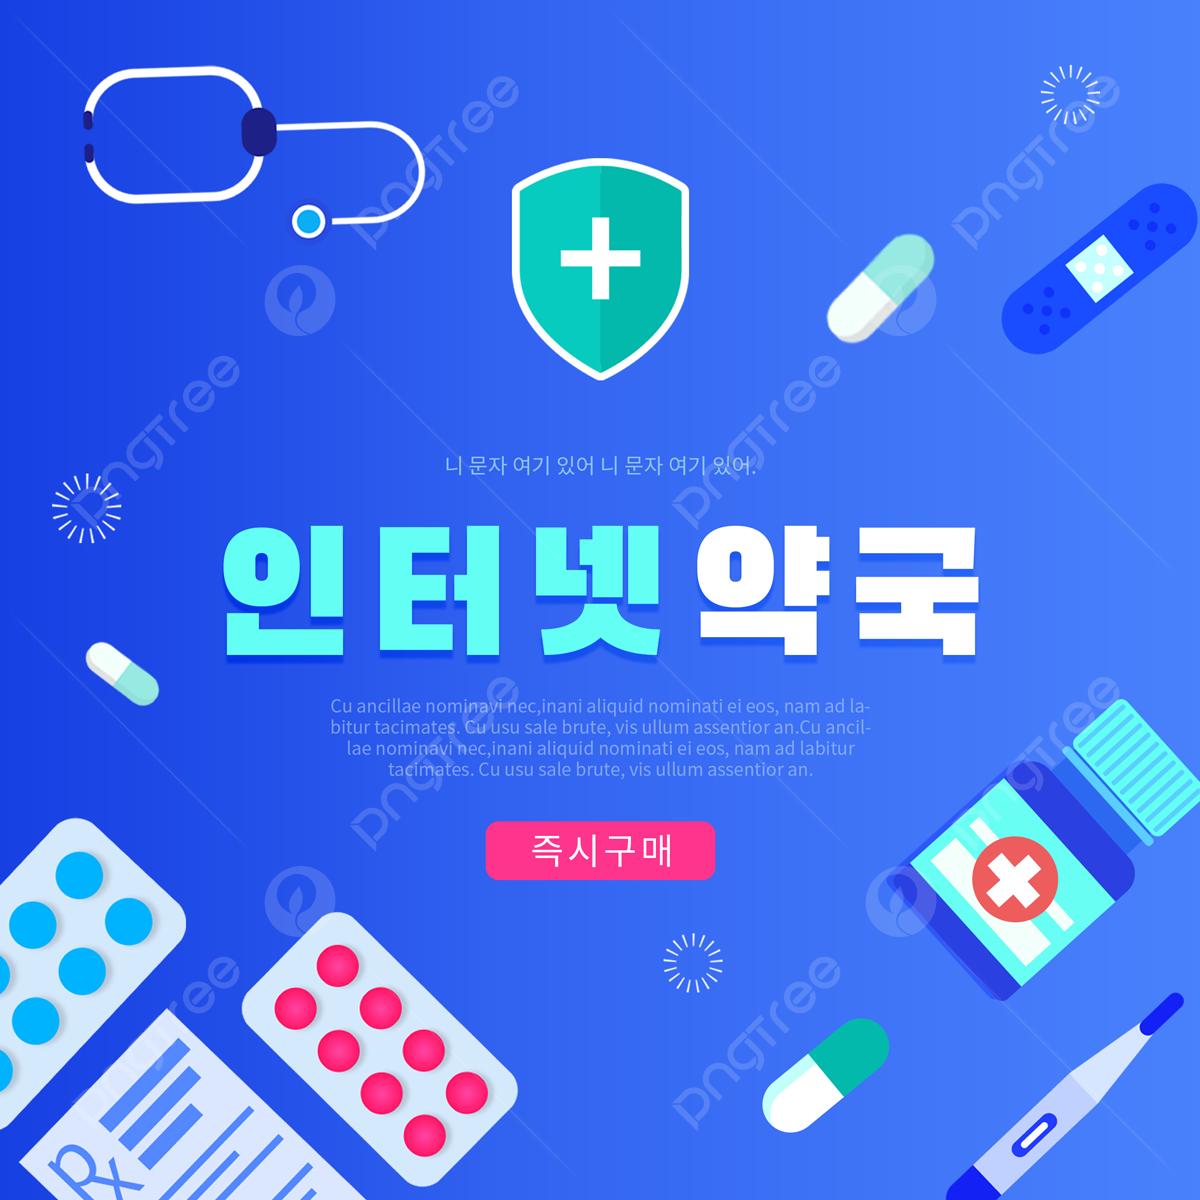 Blue Gradien Sns Promosi Persediaan Obat Obatan Farmasi Online Templat Untuk Unduh Gratis Di Pngtree